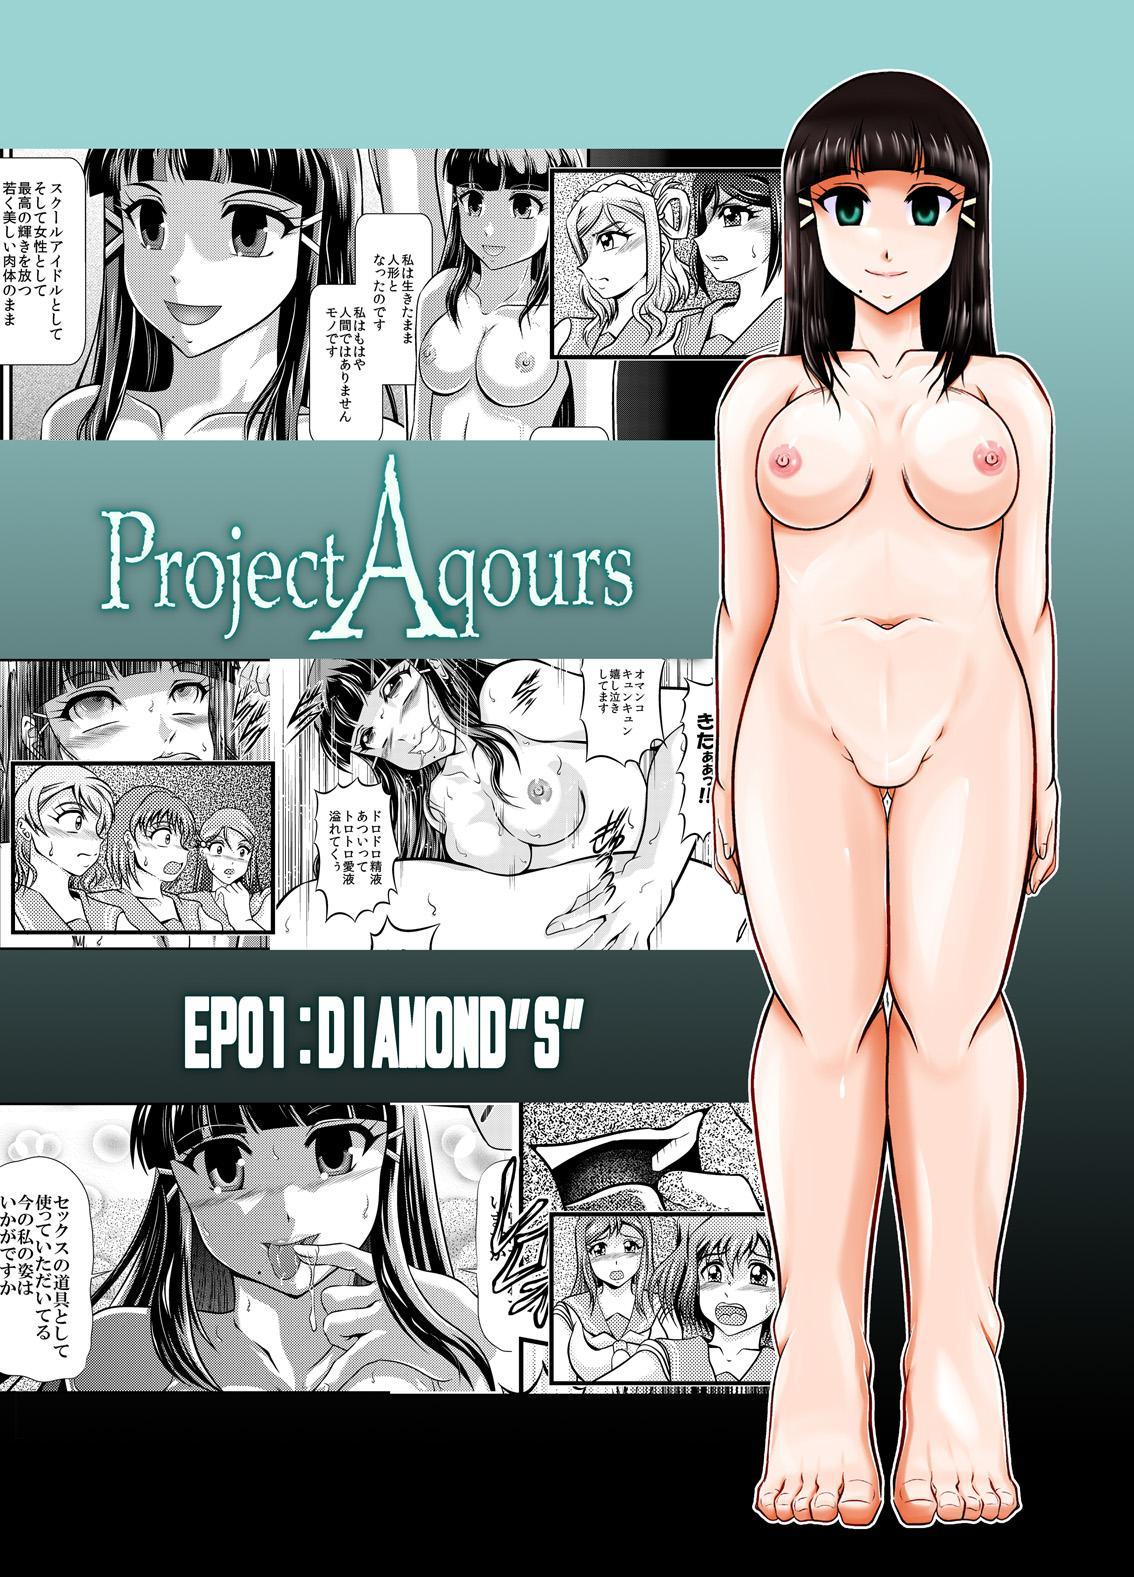 ProjectAqours EP01DIAMONDS 0